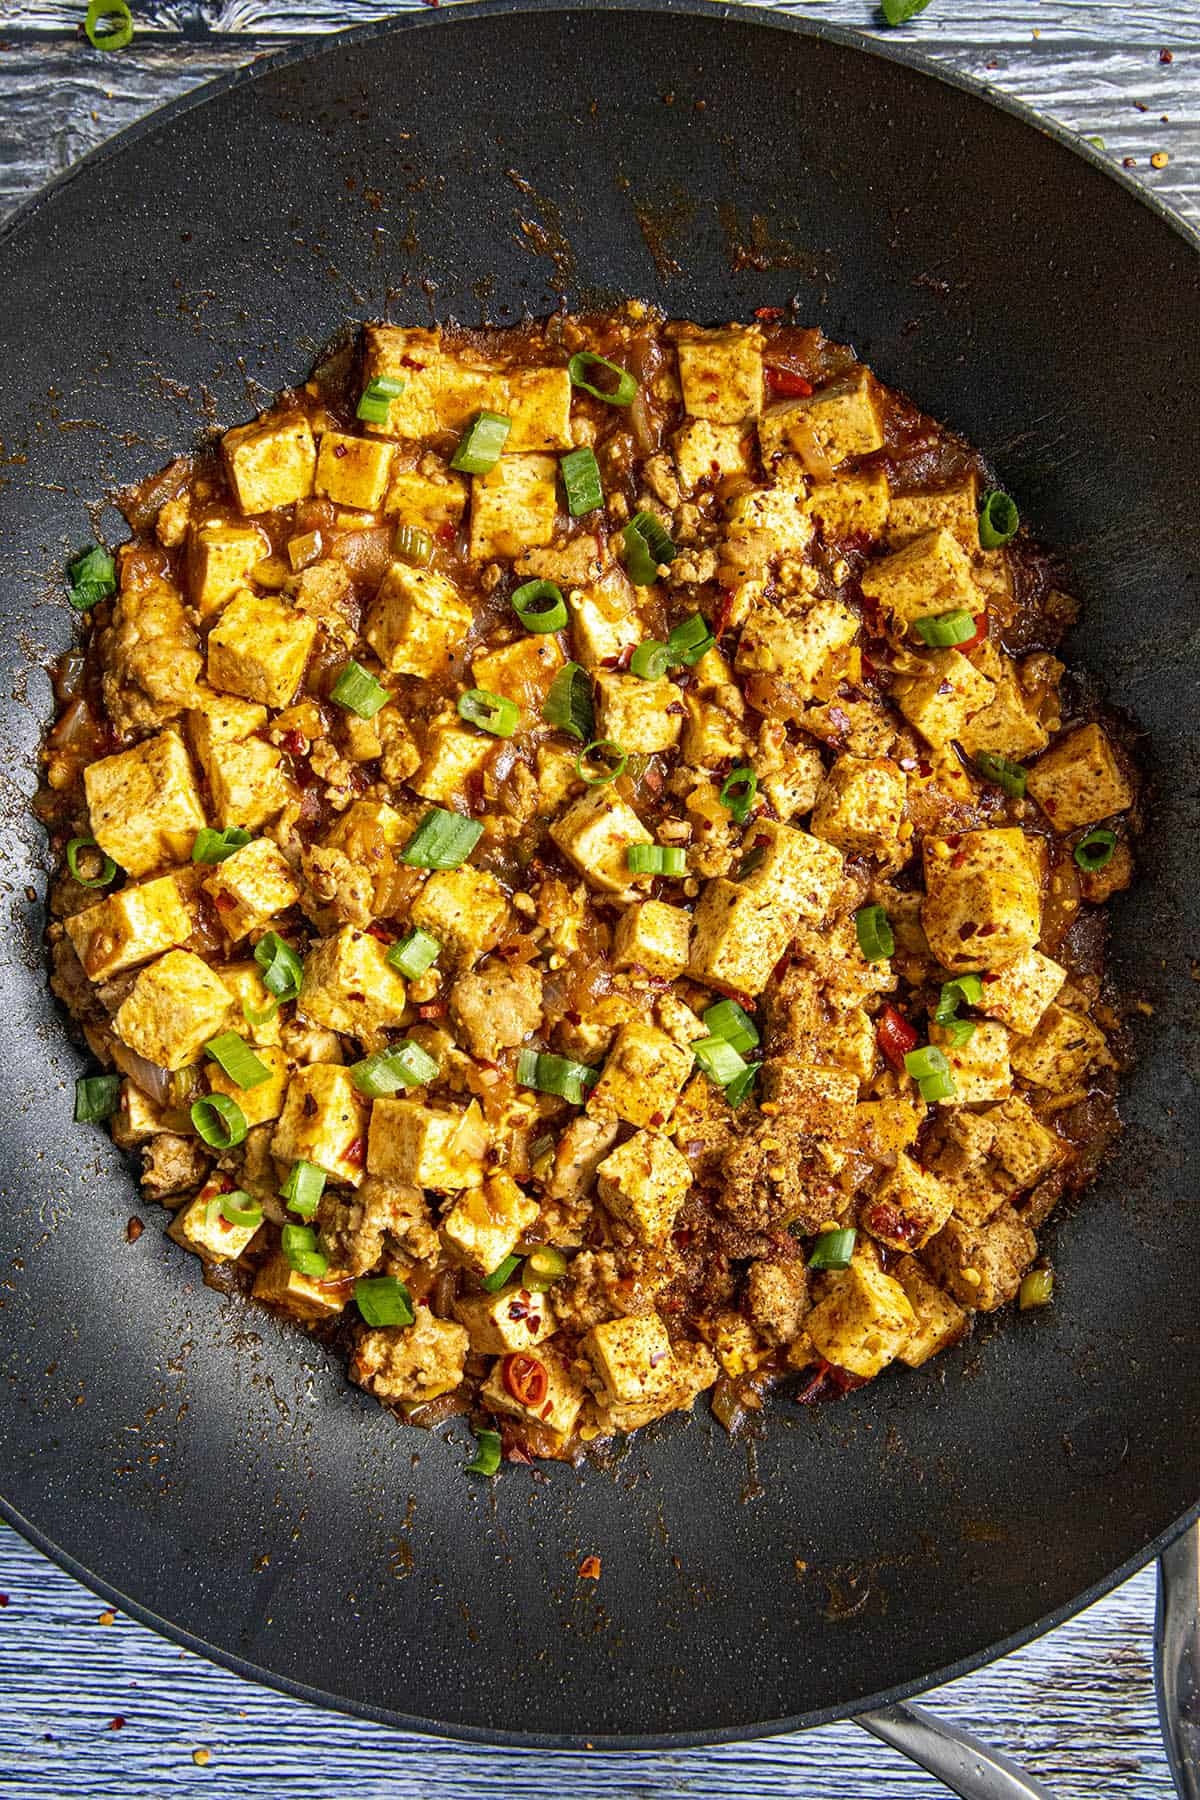 Mapo Tofu in a pan